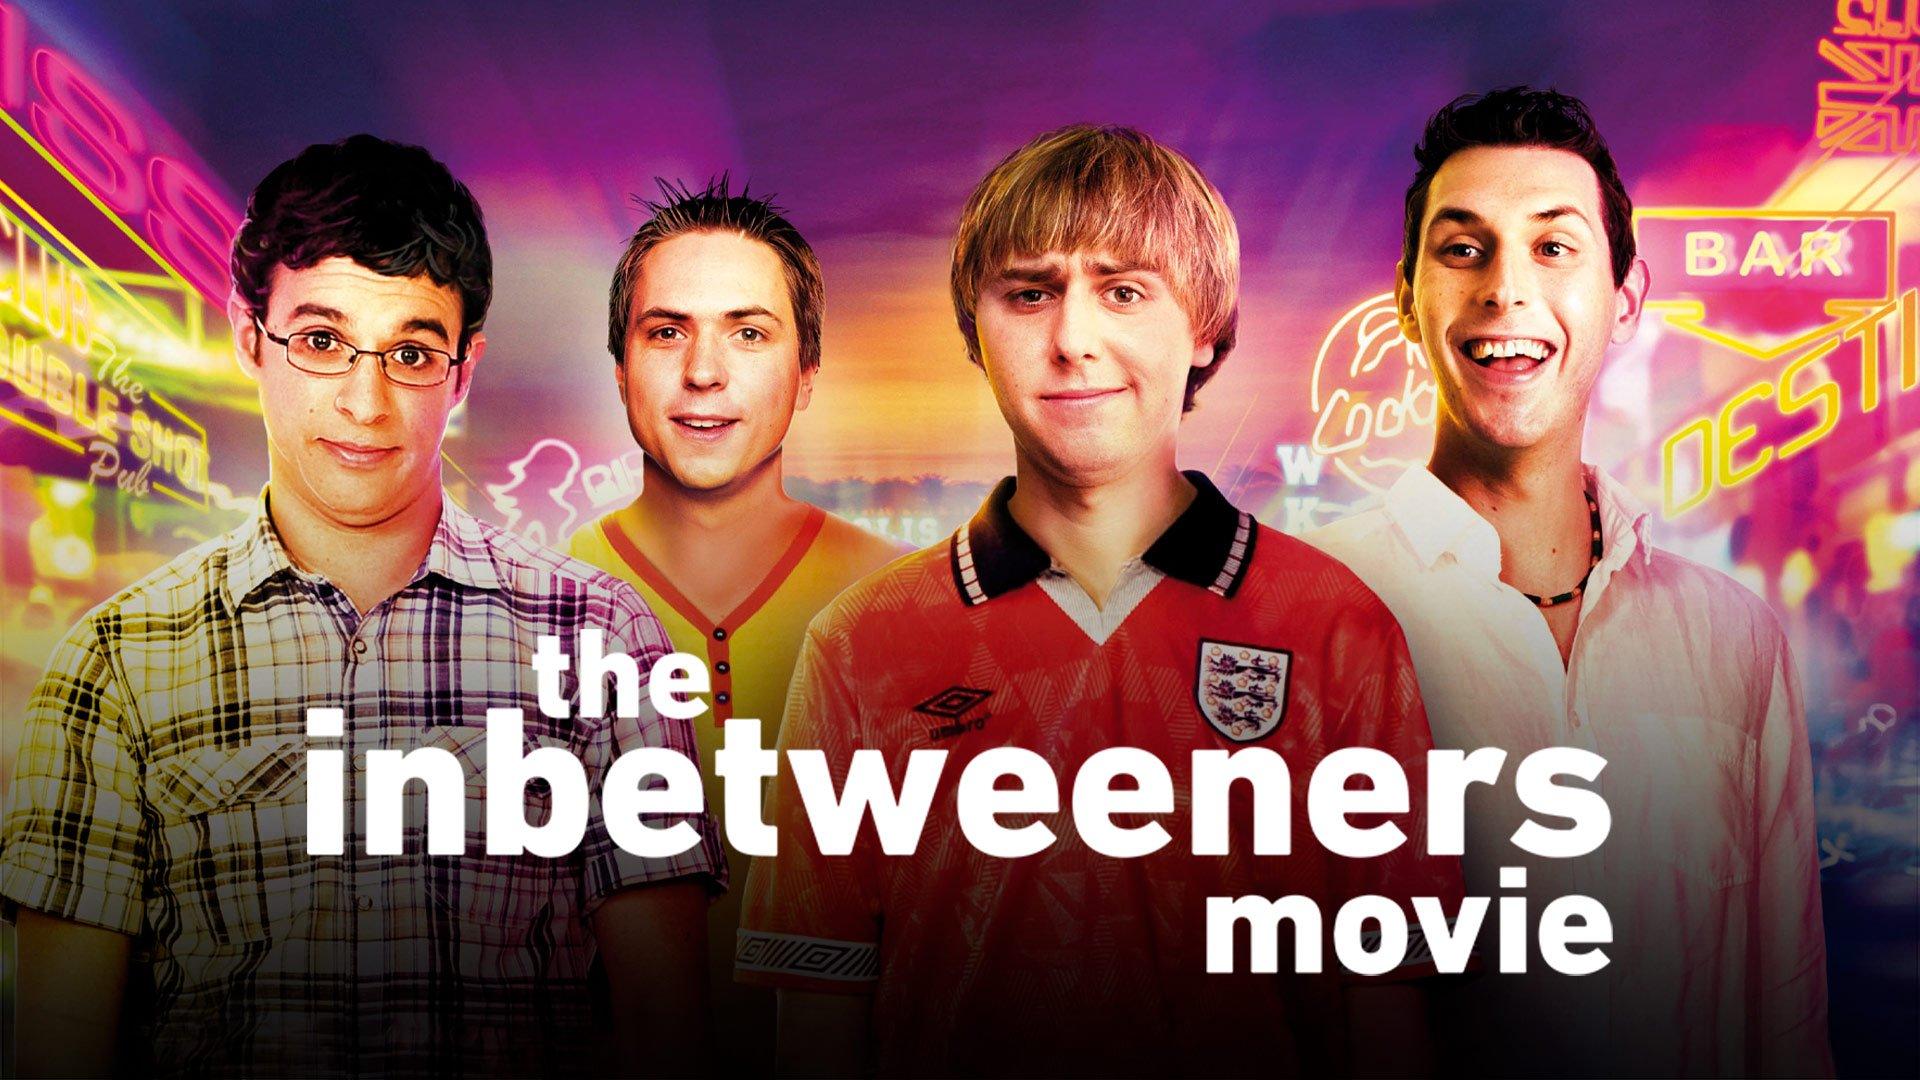 The Inbetweeners Movie on BritBox UK